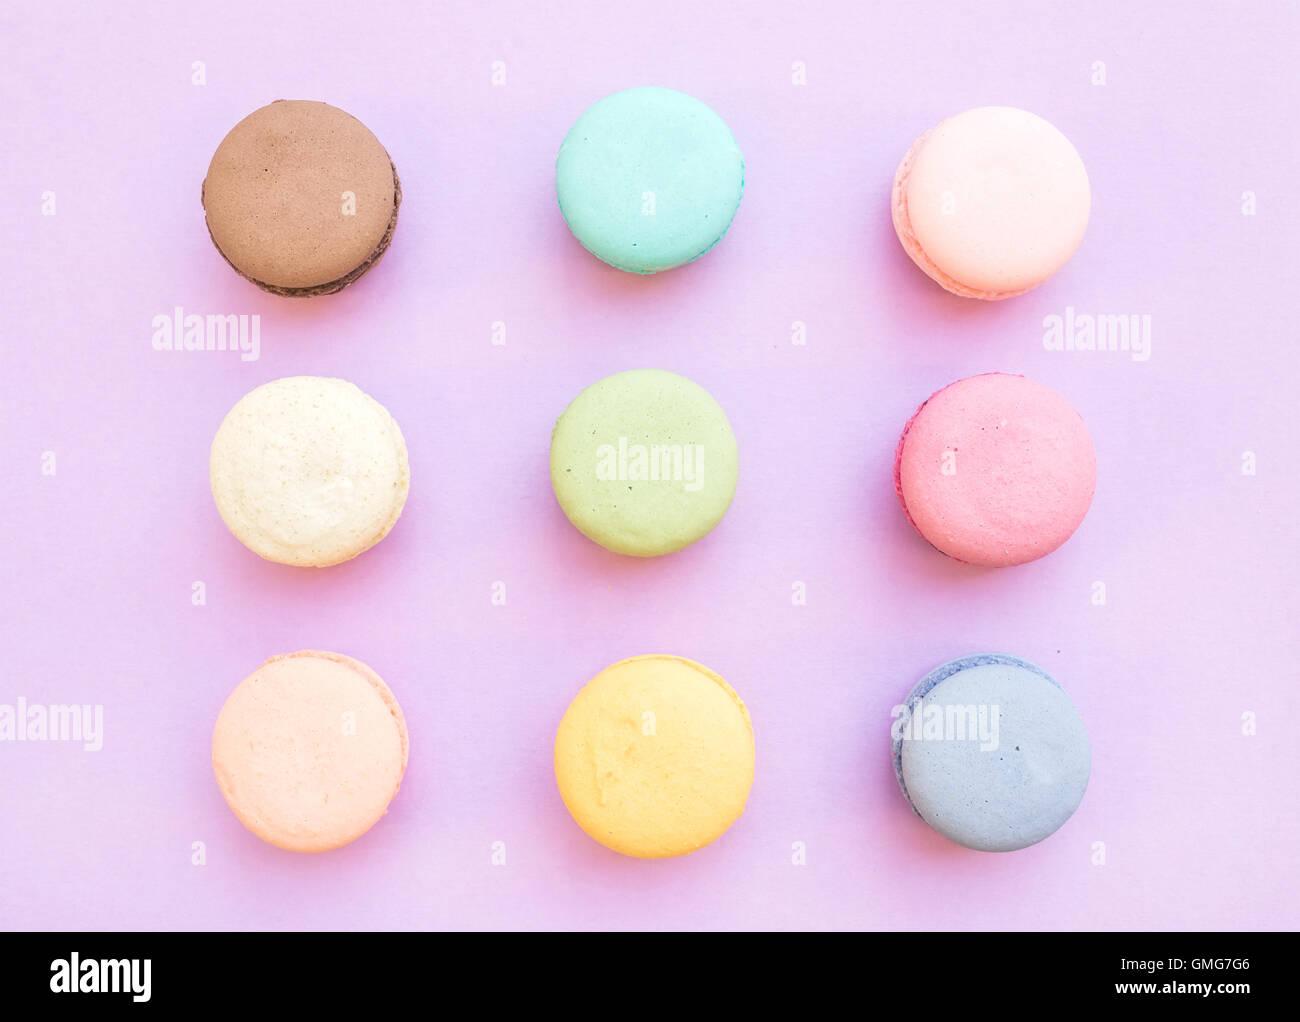 Süße bunte französische Makronen Kekse auf Pastell lila Hintergrund Stockbild